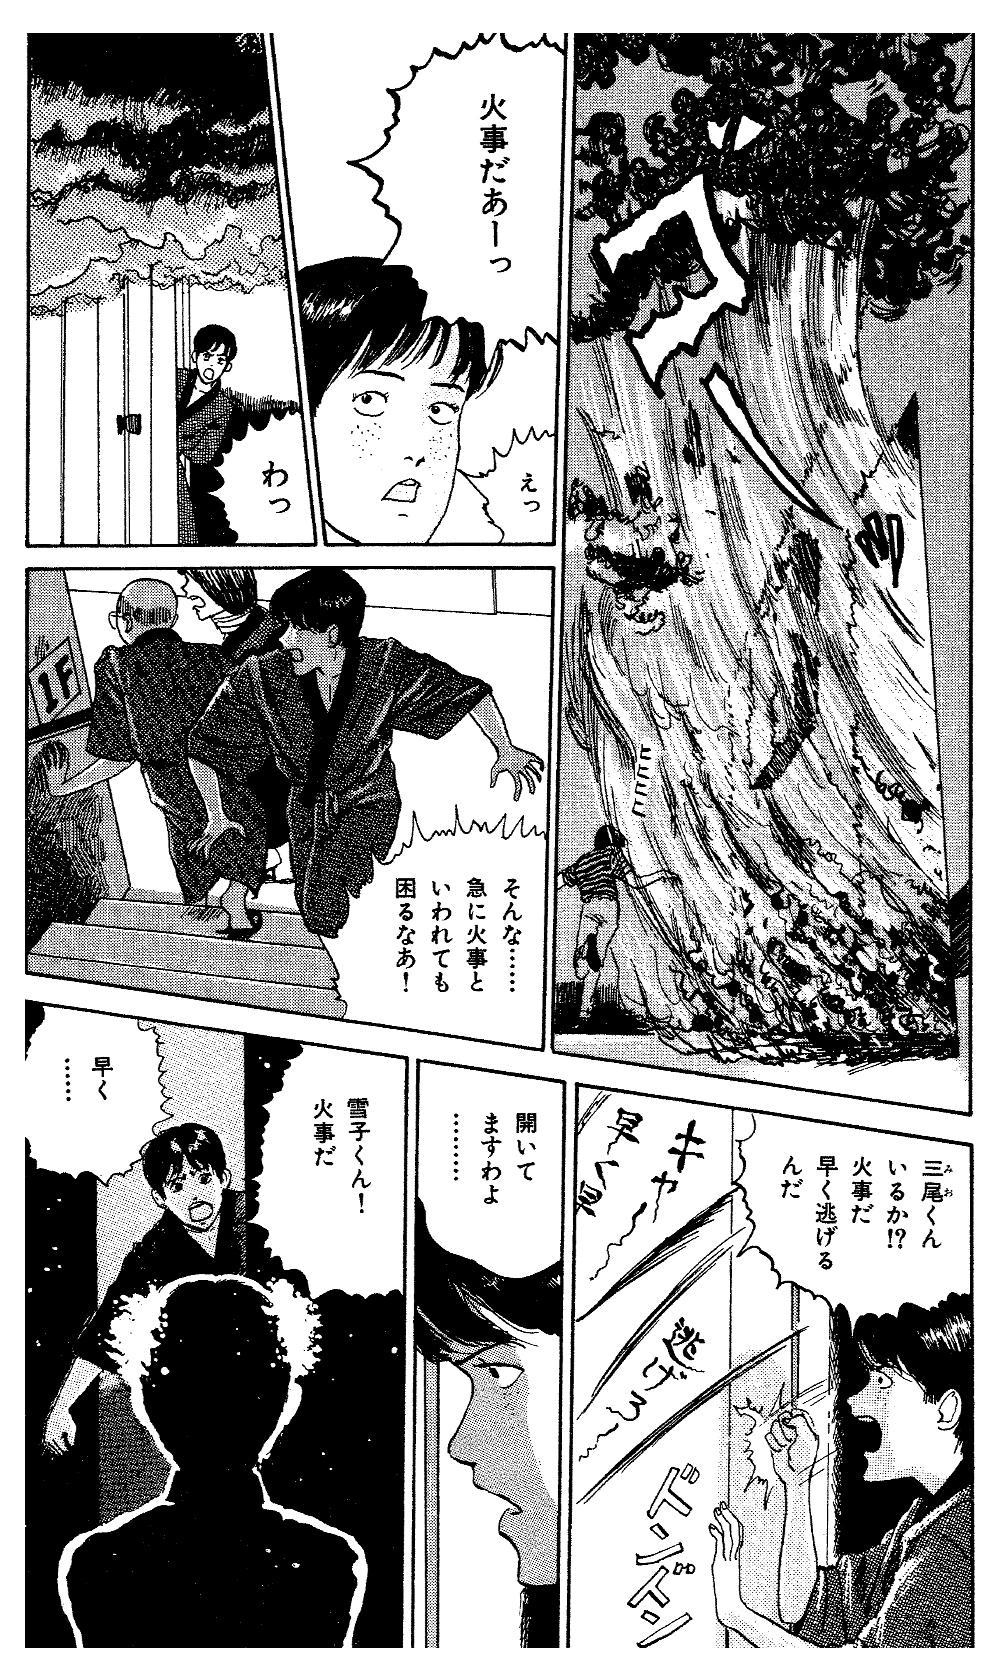 伊藤潤二傑作集 第3話「富江 地下室」④junji09-09.jpg